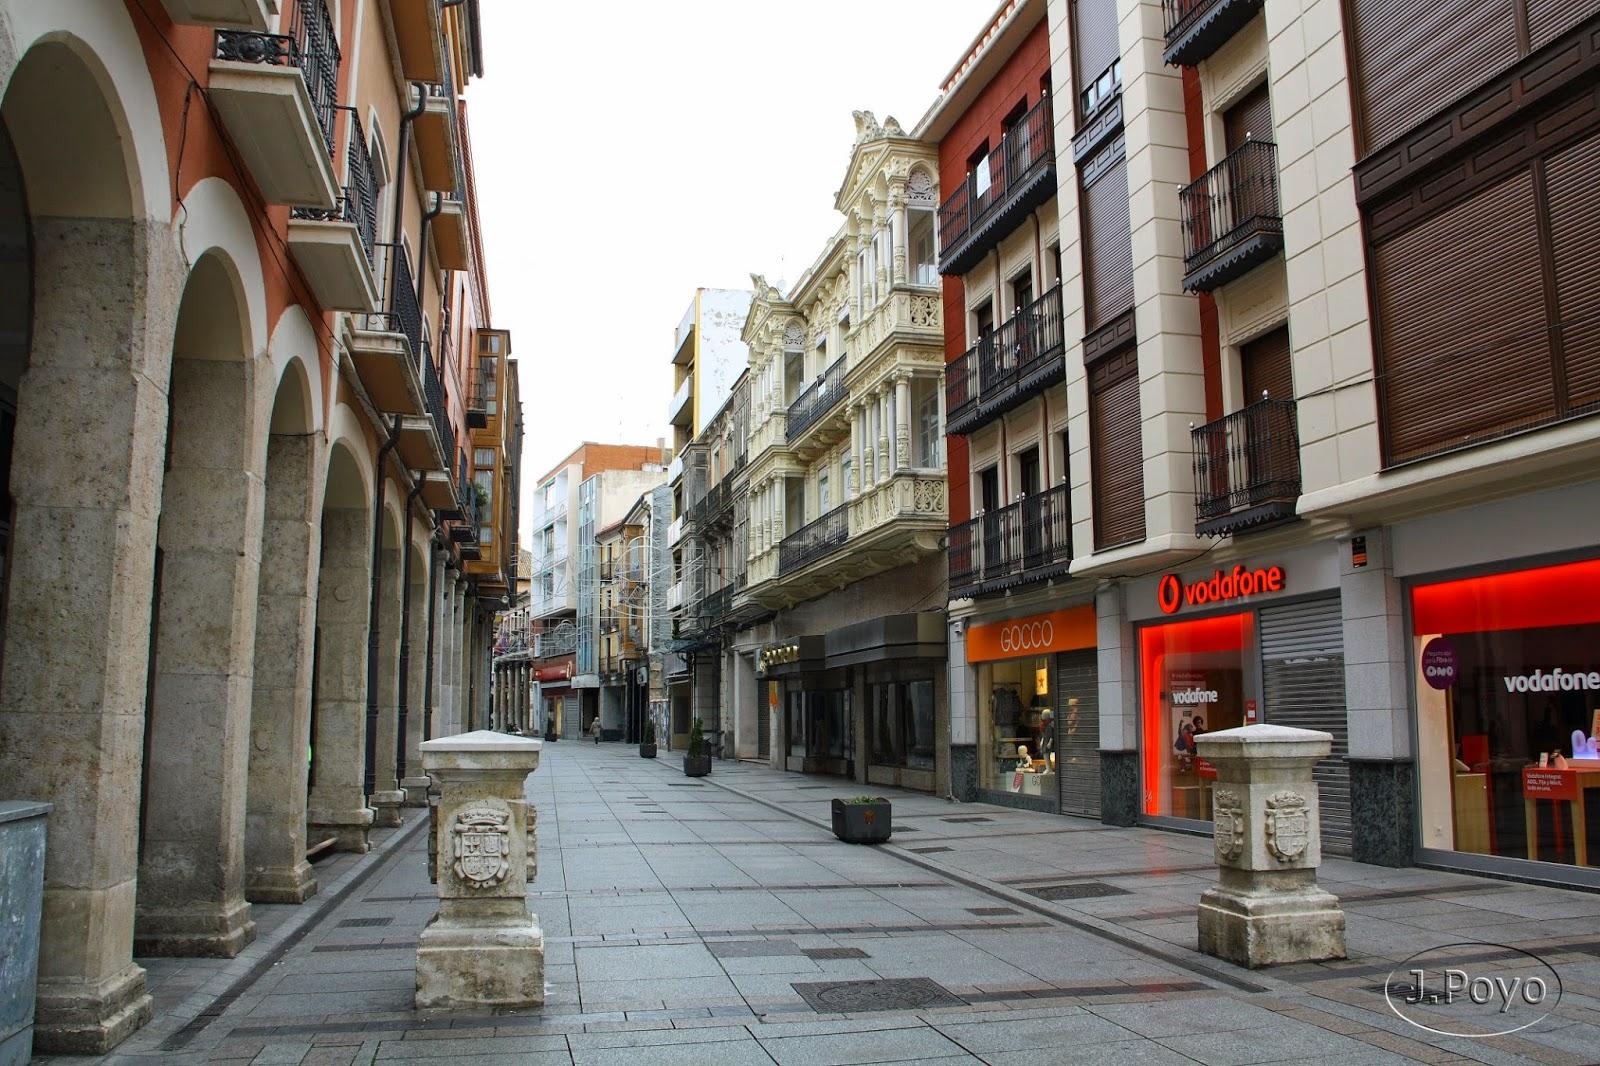 Cuatro cantones de la Calle Mayor de Palencia